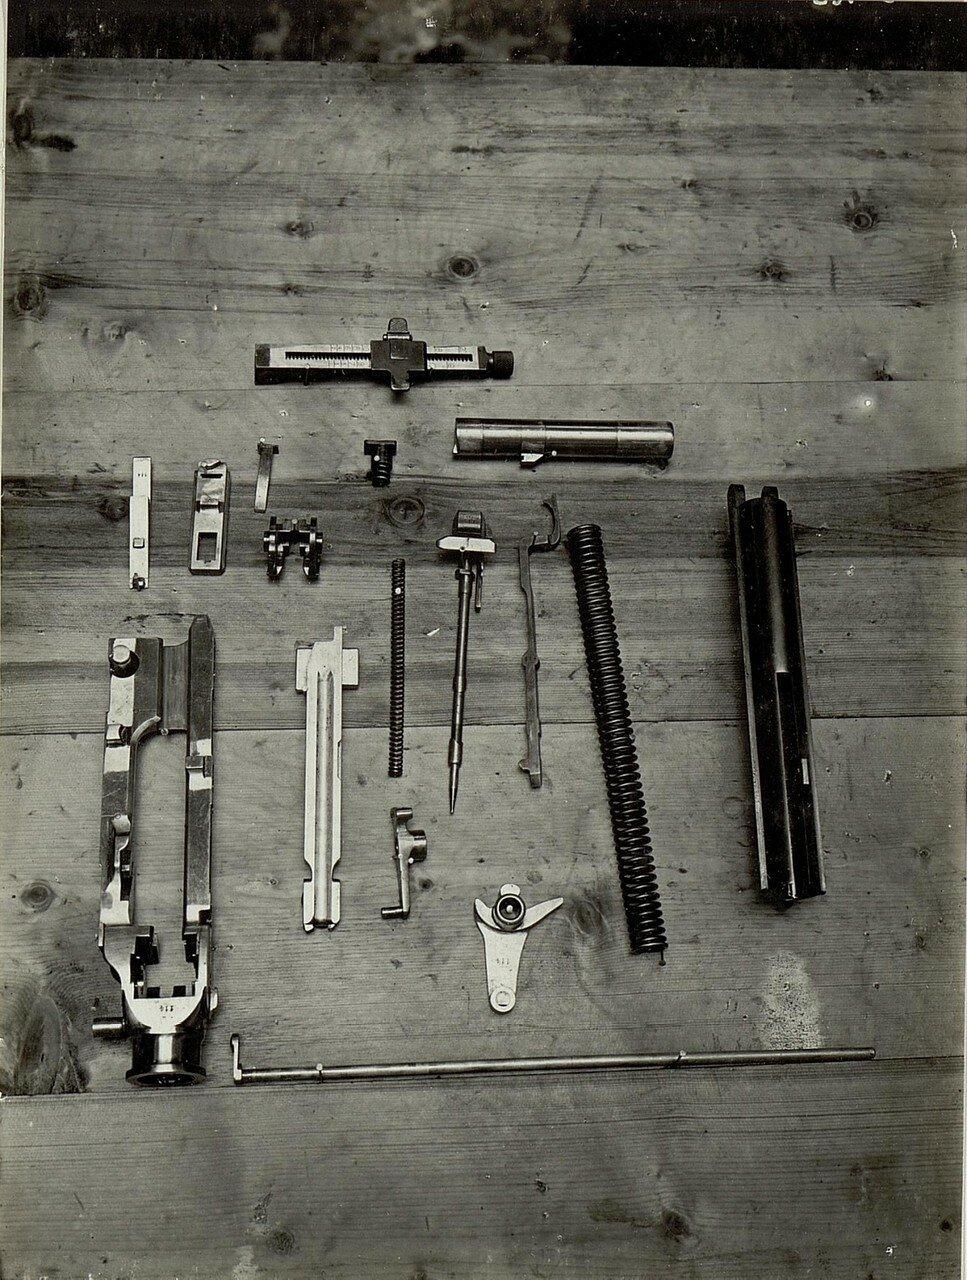 Eroberte Bestandteile italienischer Maschingewehre, aufgenommen im November 1915